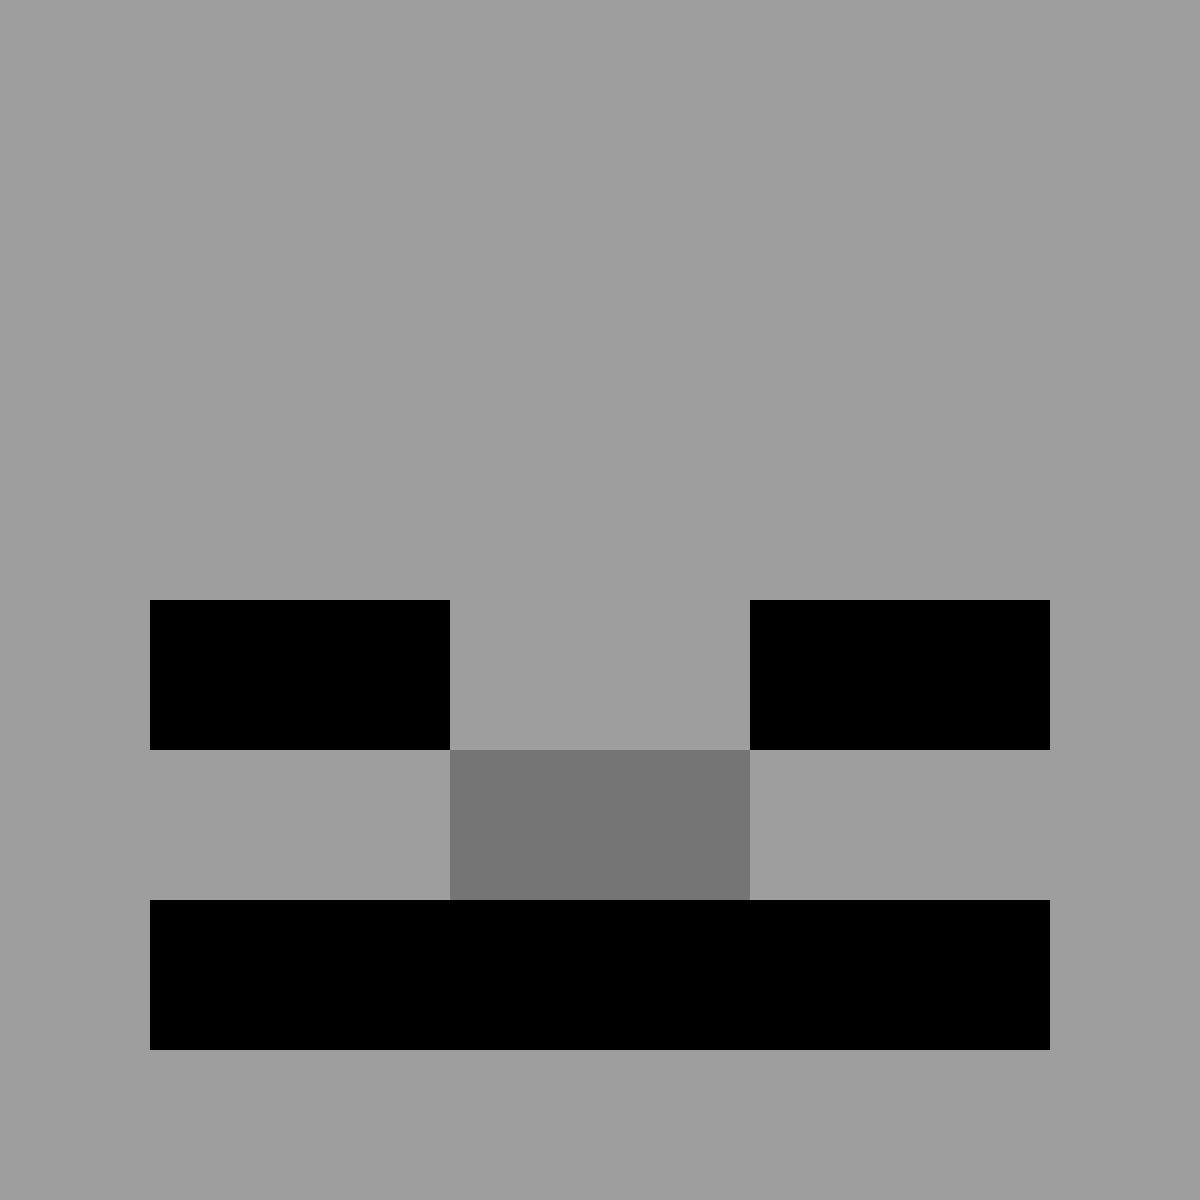 Skeleton by Raccoon-Eggs14